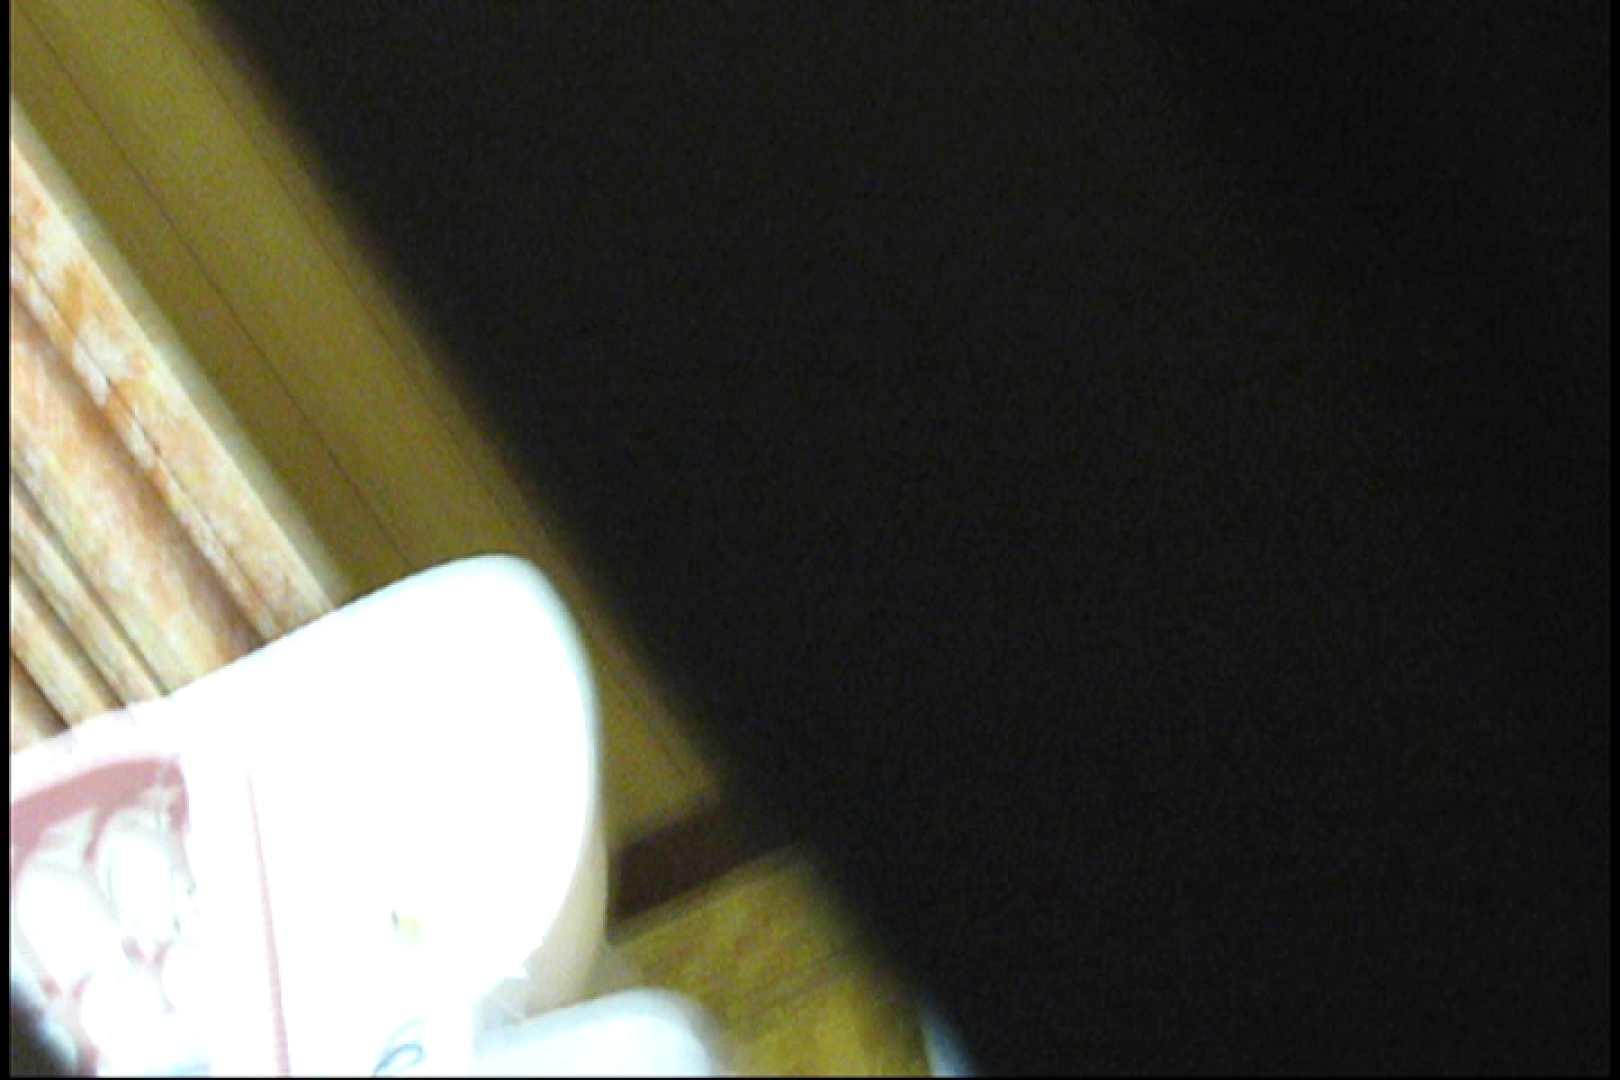 オマンコ丸見え:No.1 豊満ギャル!パンツも履かないで携帯に夢中です!早速ばれてます!!:怪盗ジョーカー